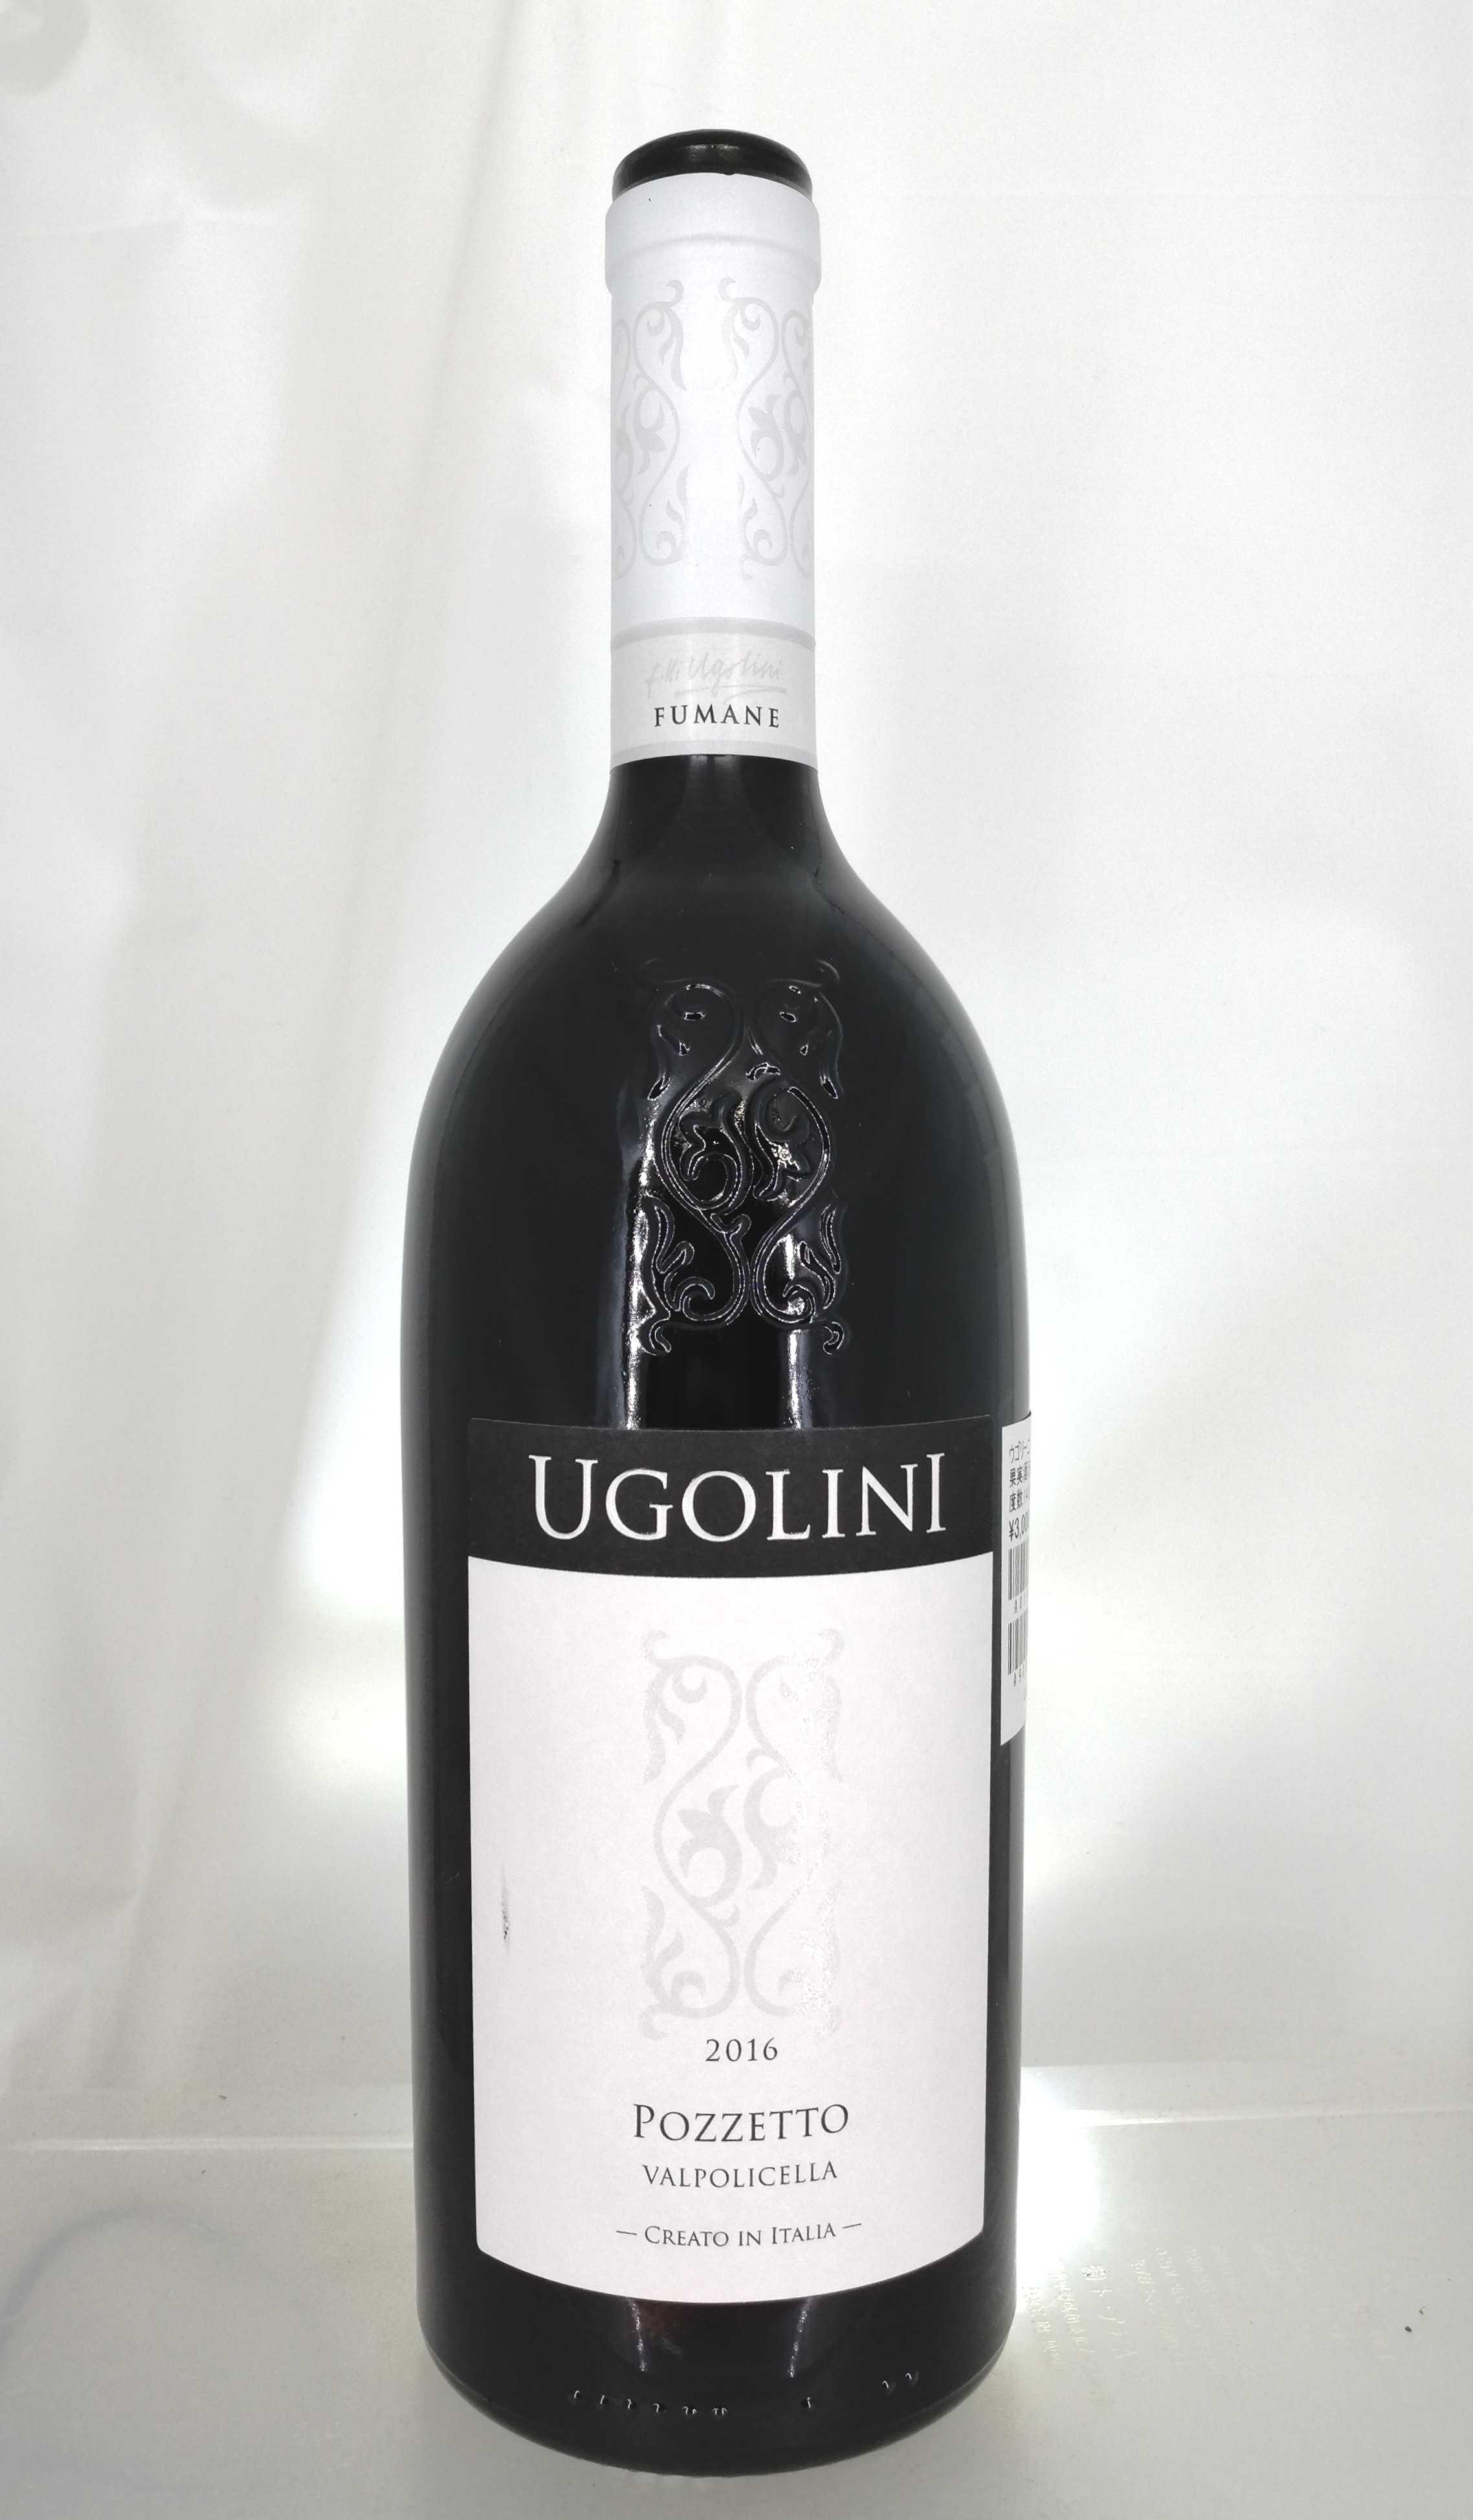 ウゴリーニ ヴァルポリチェッラ クラシコ 2016 UGOLINI